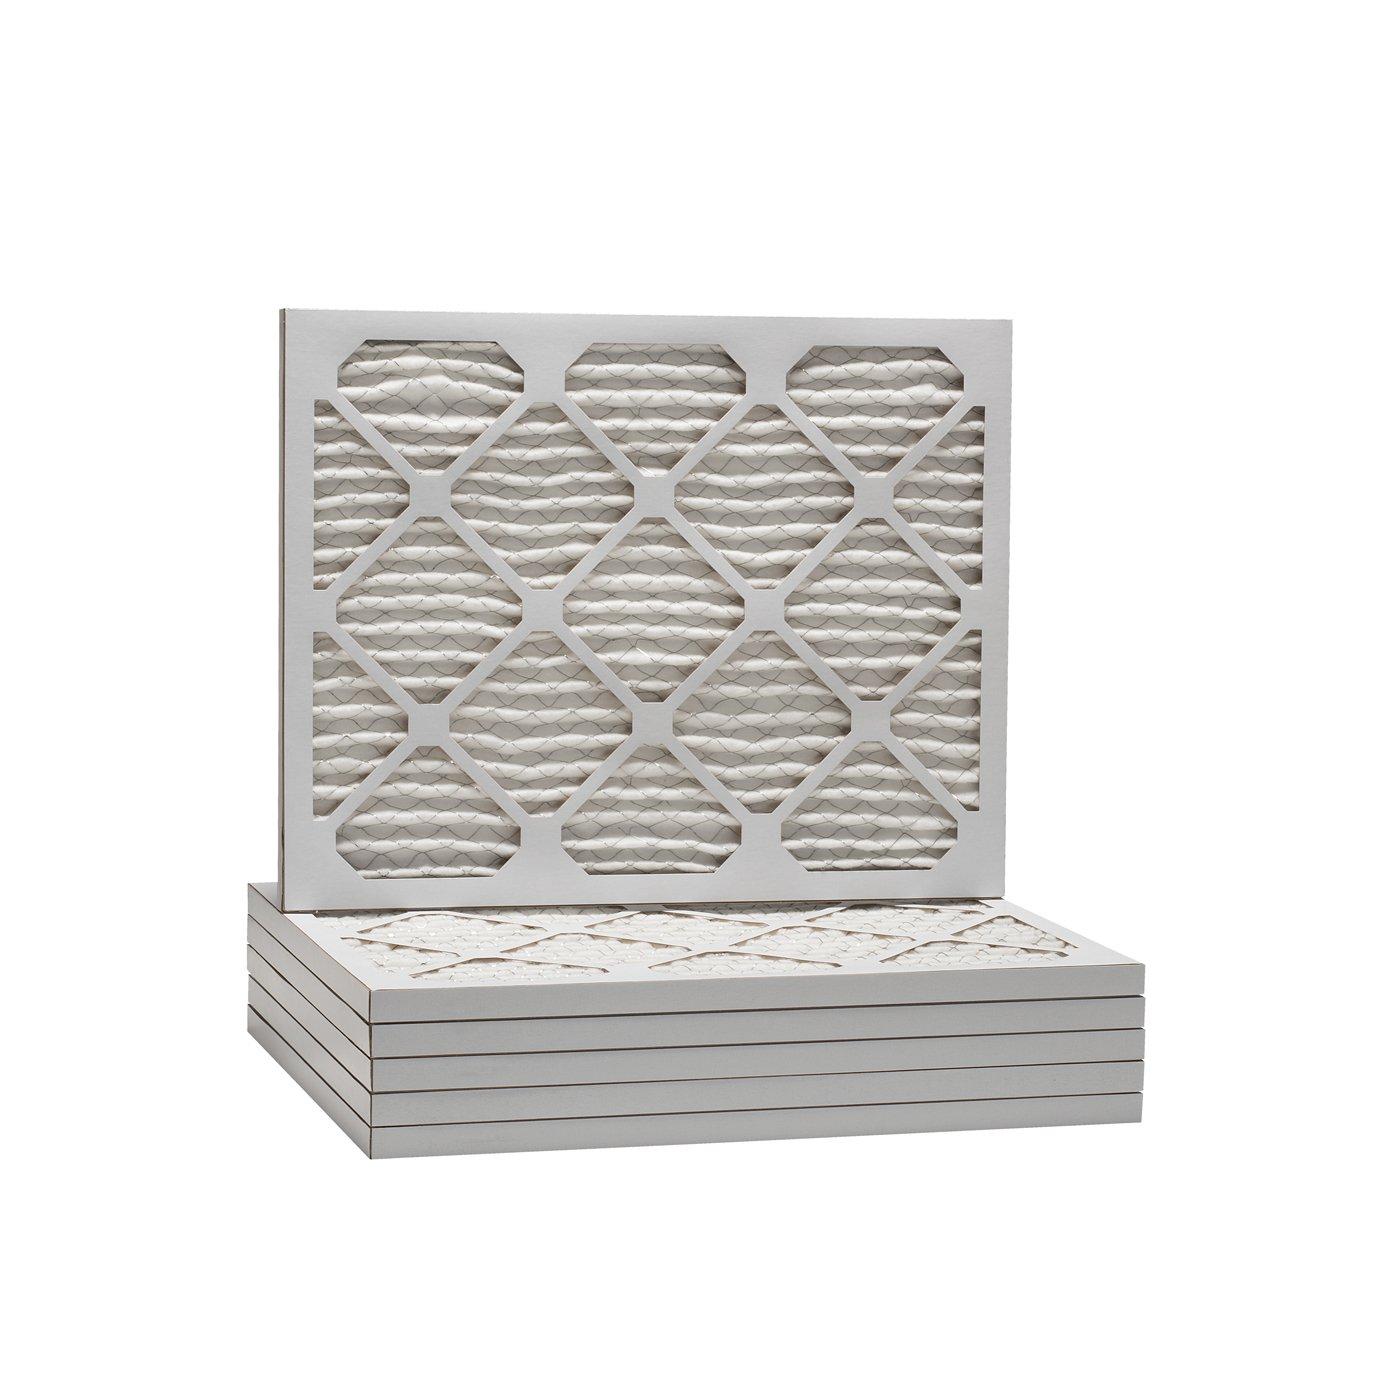 21-1/2x23-1/2x1 MERV 11 Tier1 Air Filter/Furnace Filter Replacement